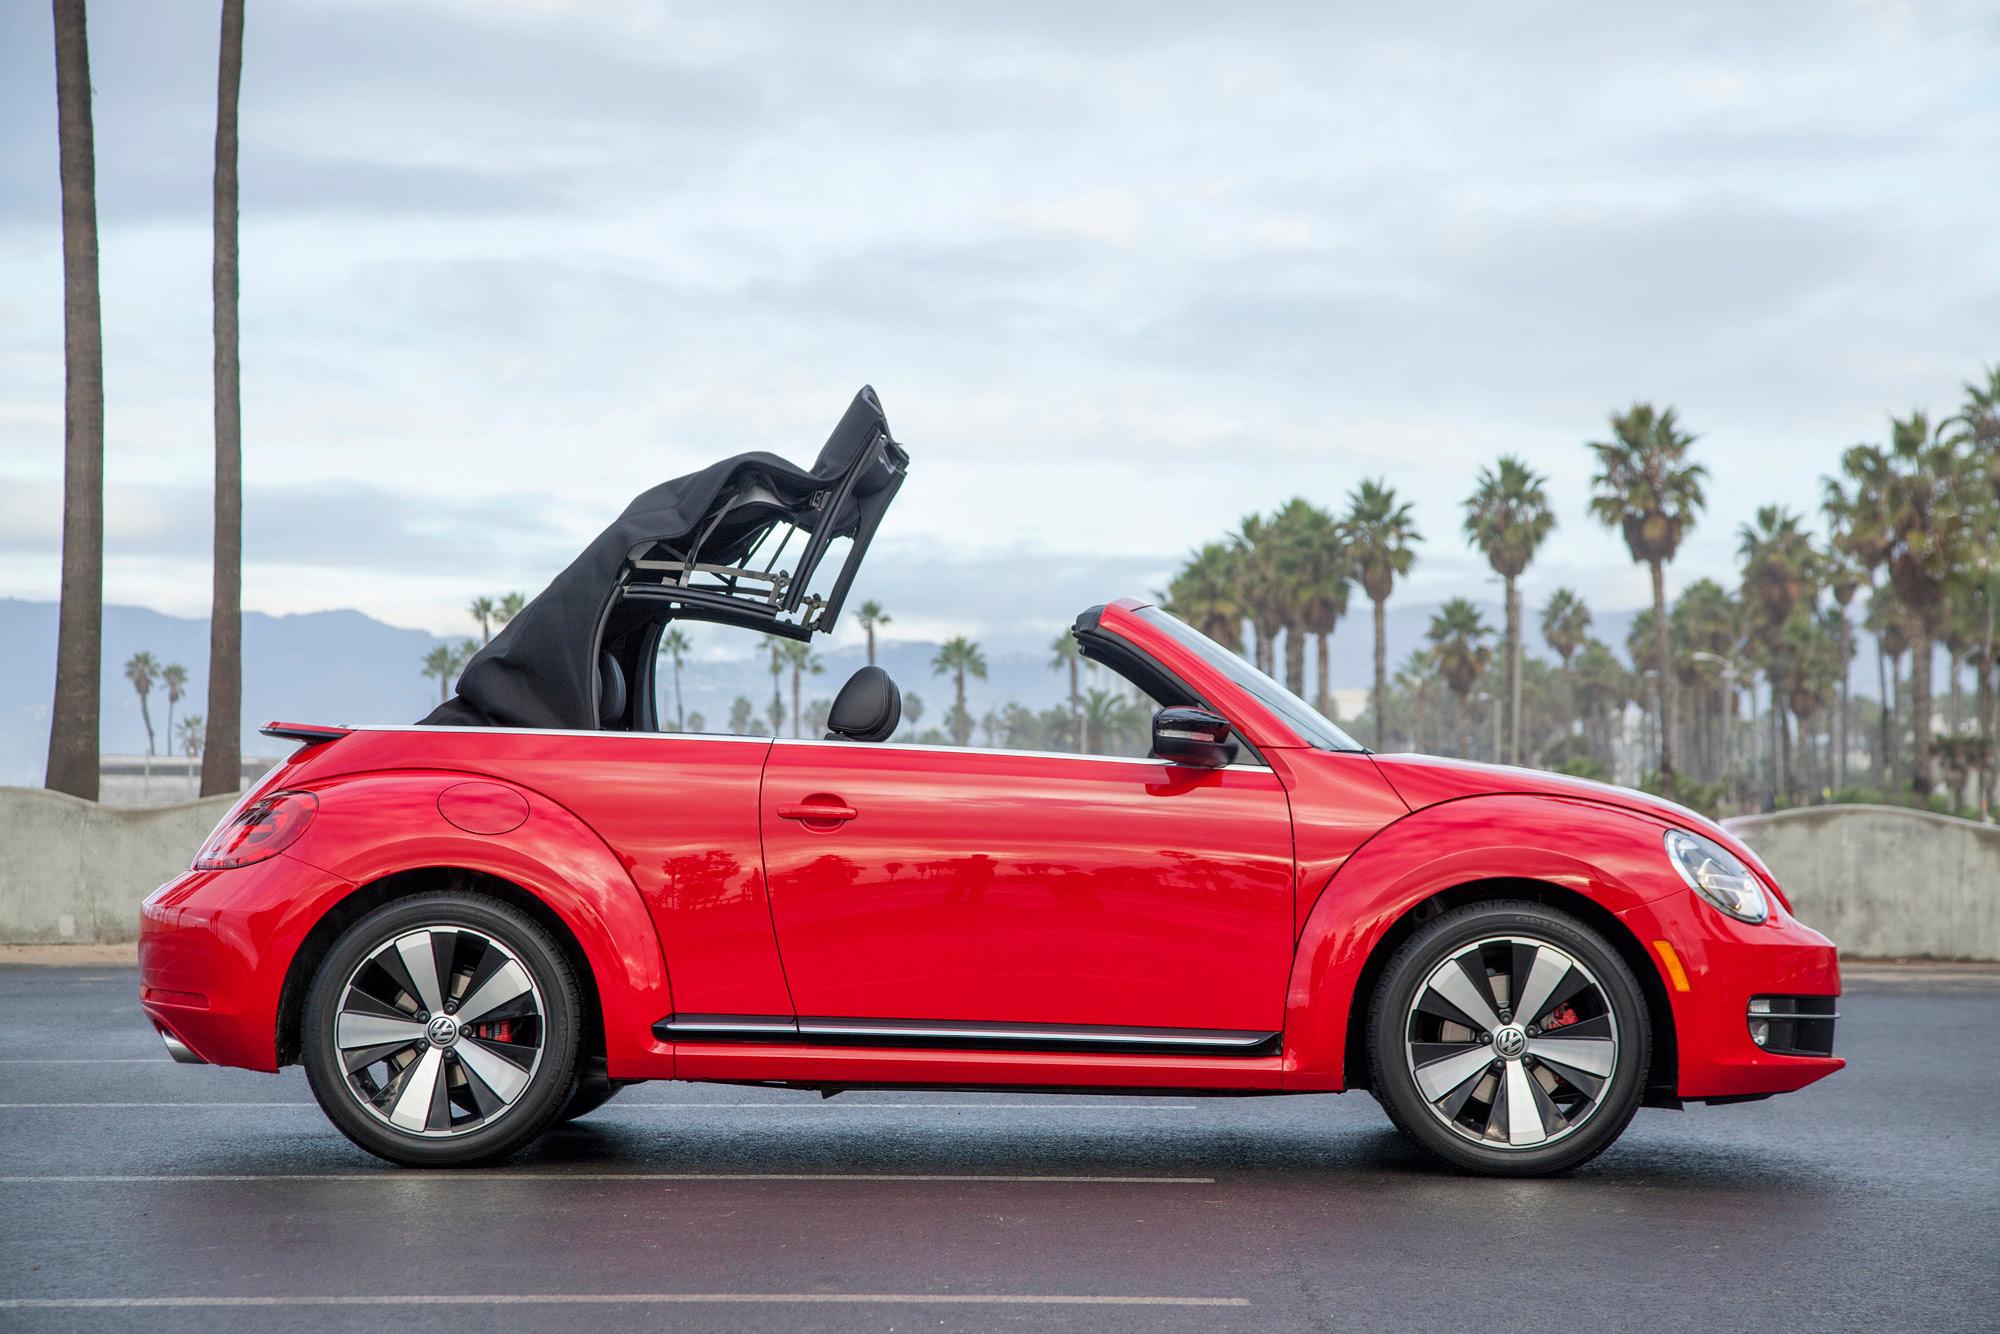 volkswagen-beetle-convertible-035